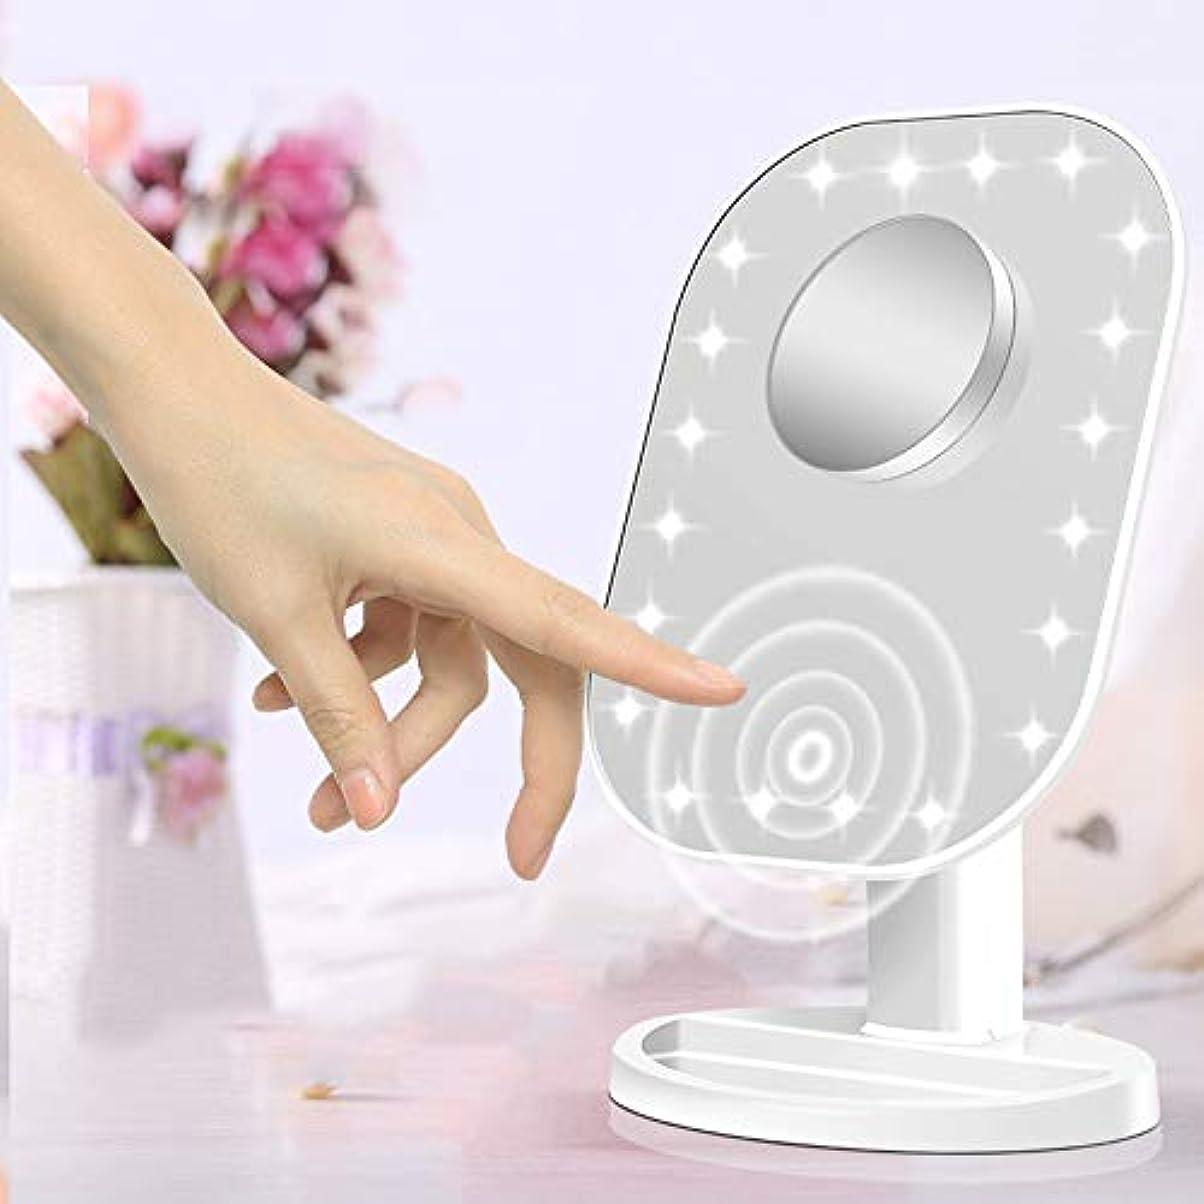 折る懐疑論部族流行の 新しいデスクトップクリエイティブタッチセンサーled化粧鏡10倍拡大美容化粧鏡フィルライト化粧鏡ピンクホワイト (色 : Pink)